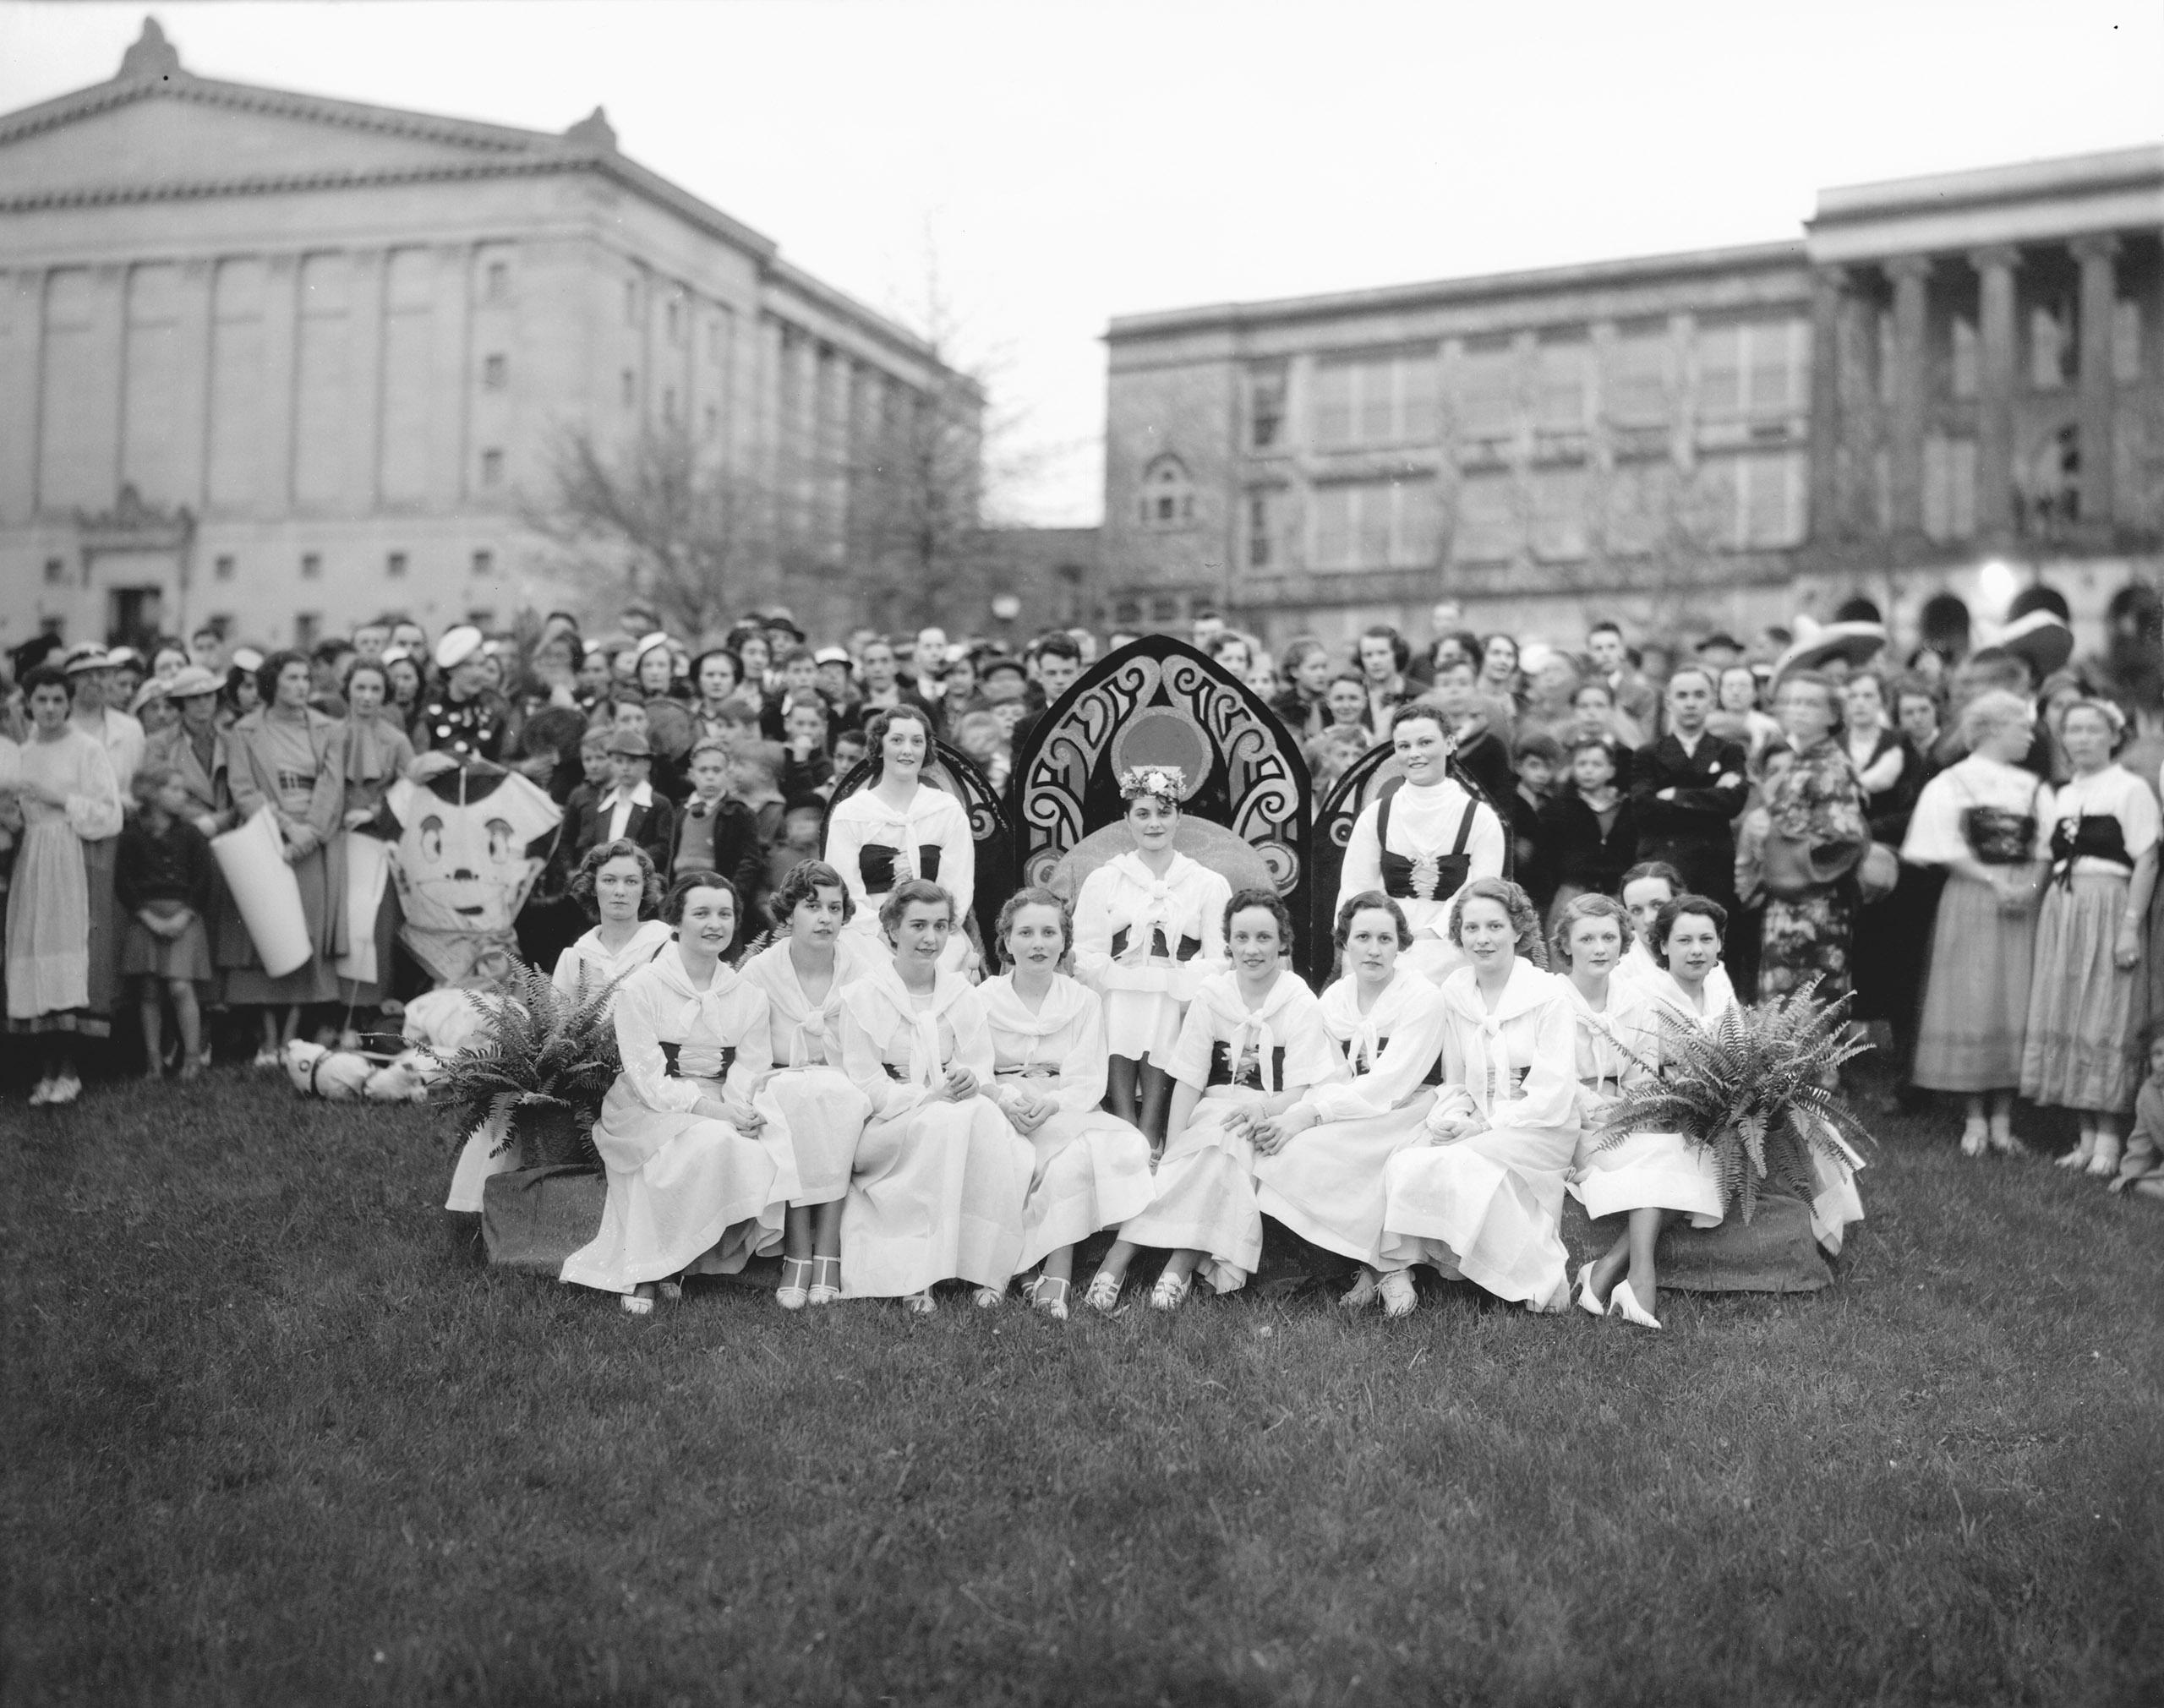 Spring, 1935